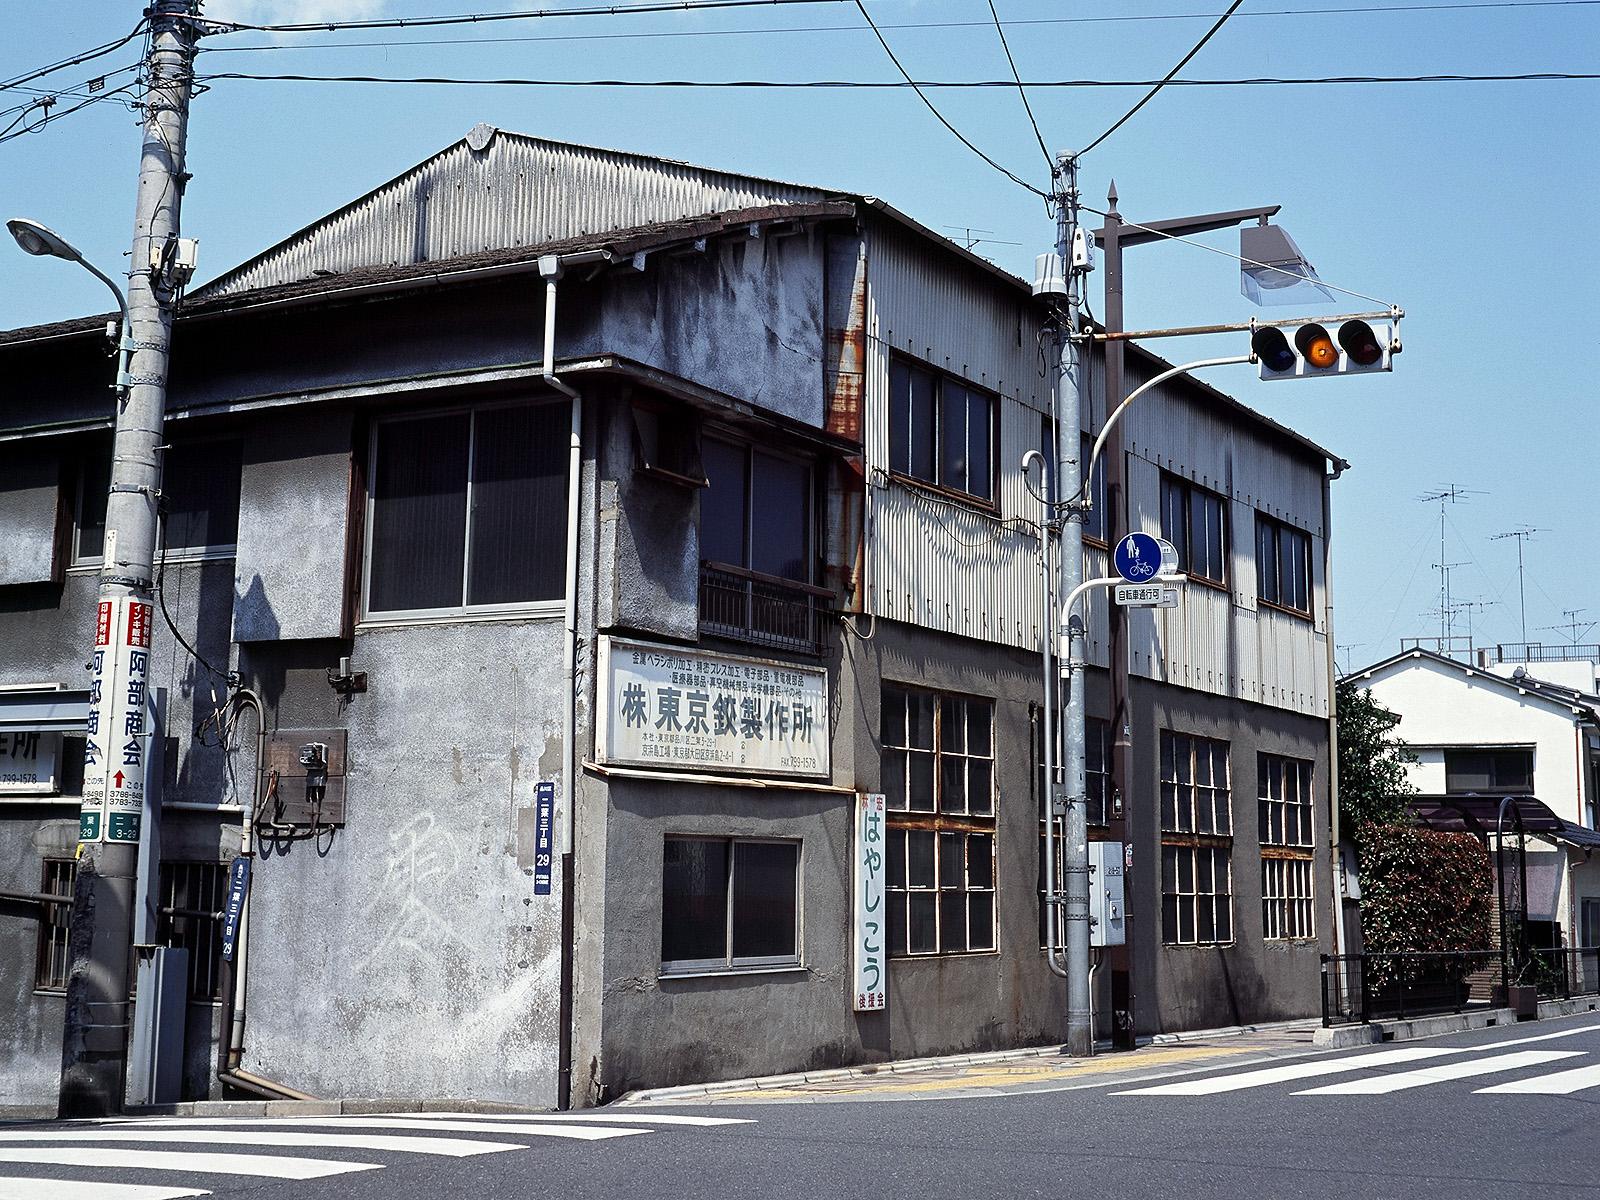 072 東京鉸製作所 品川区二葉3-29-1 20020526(02.20.06)